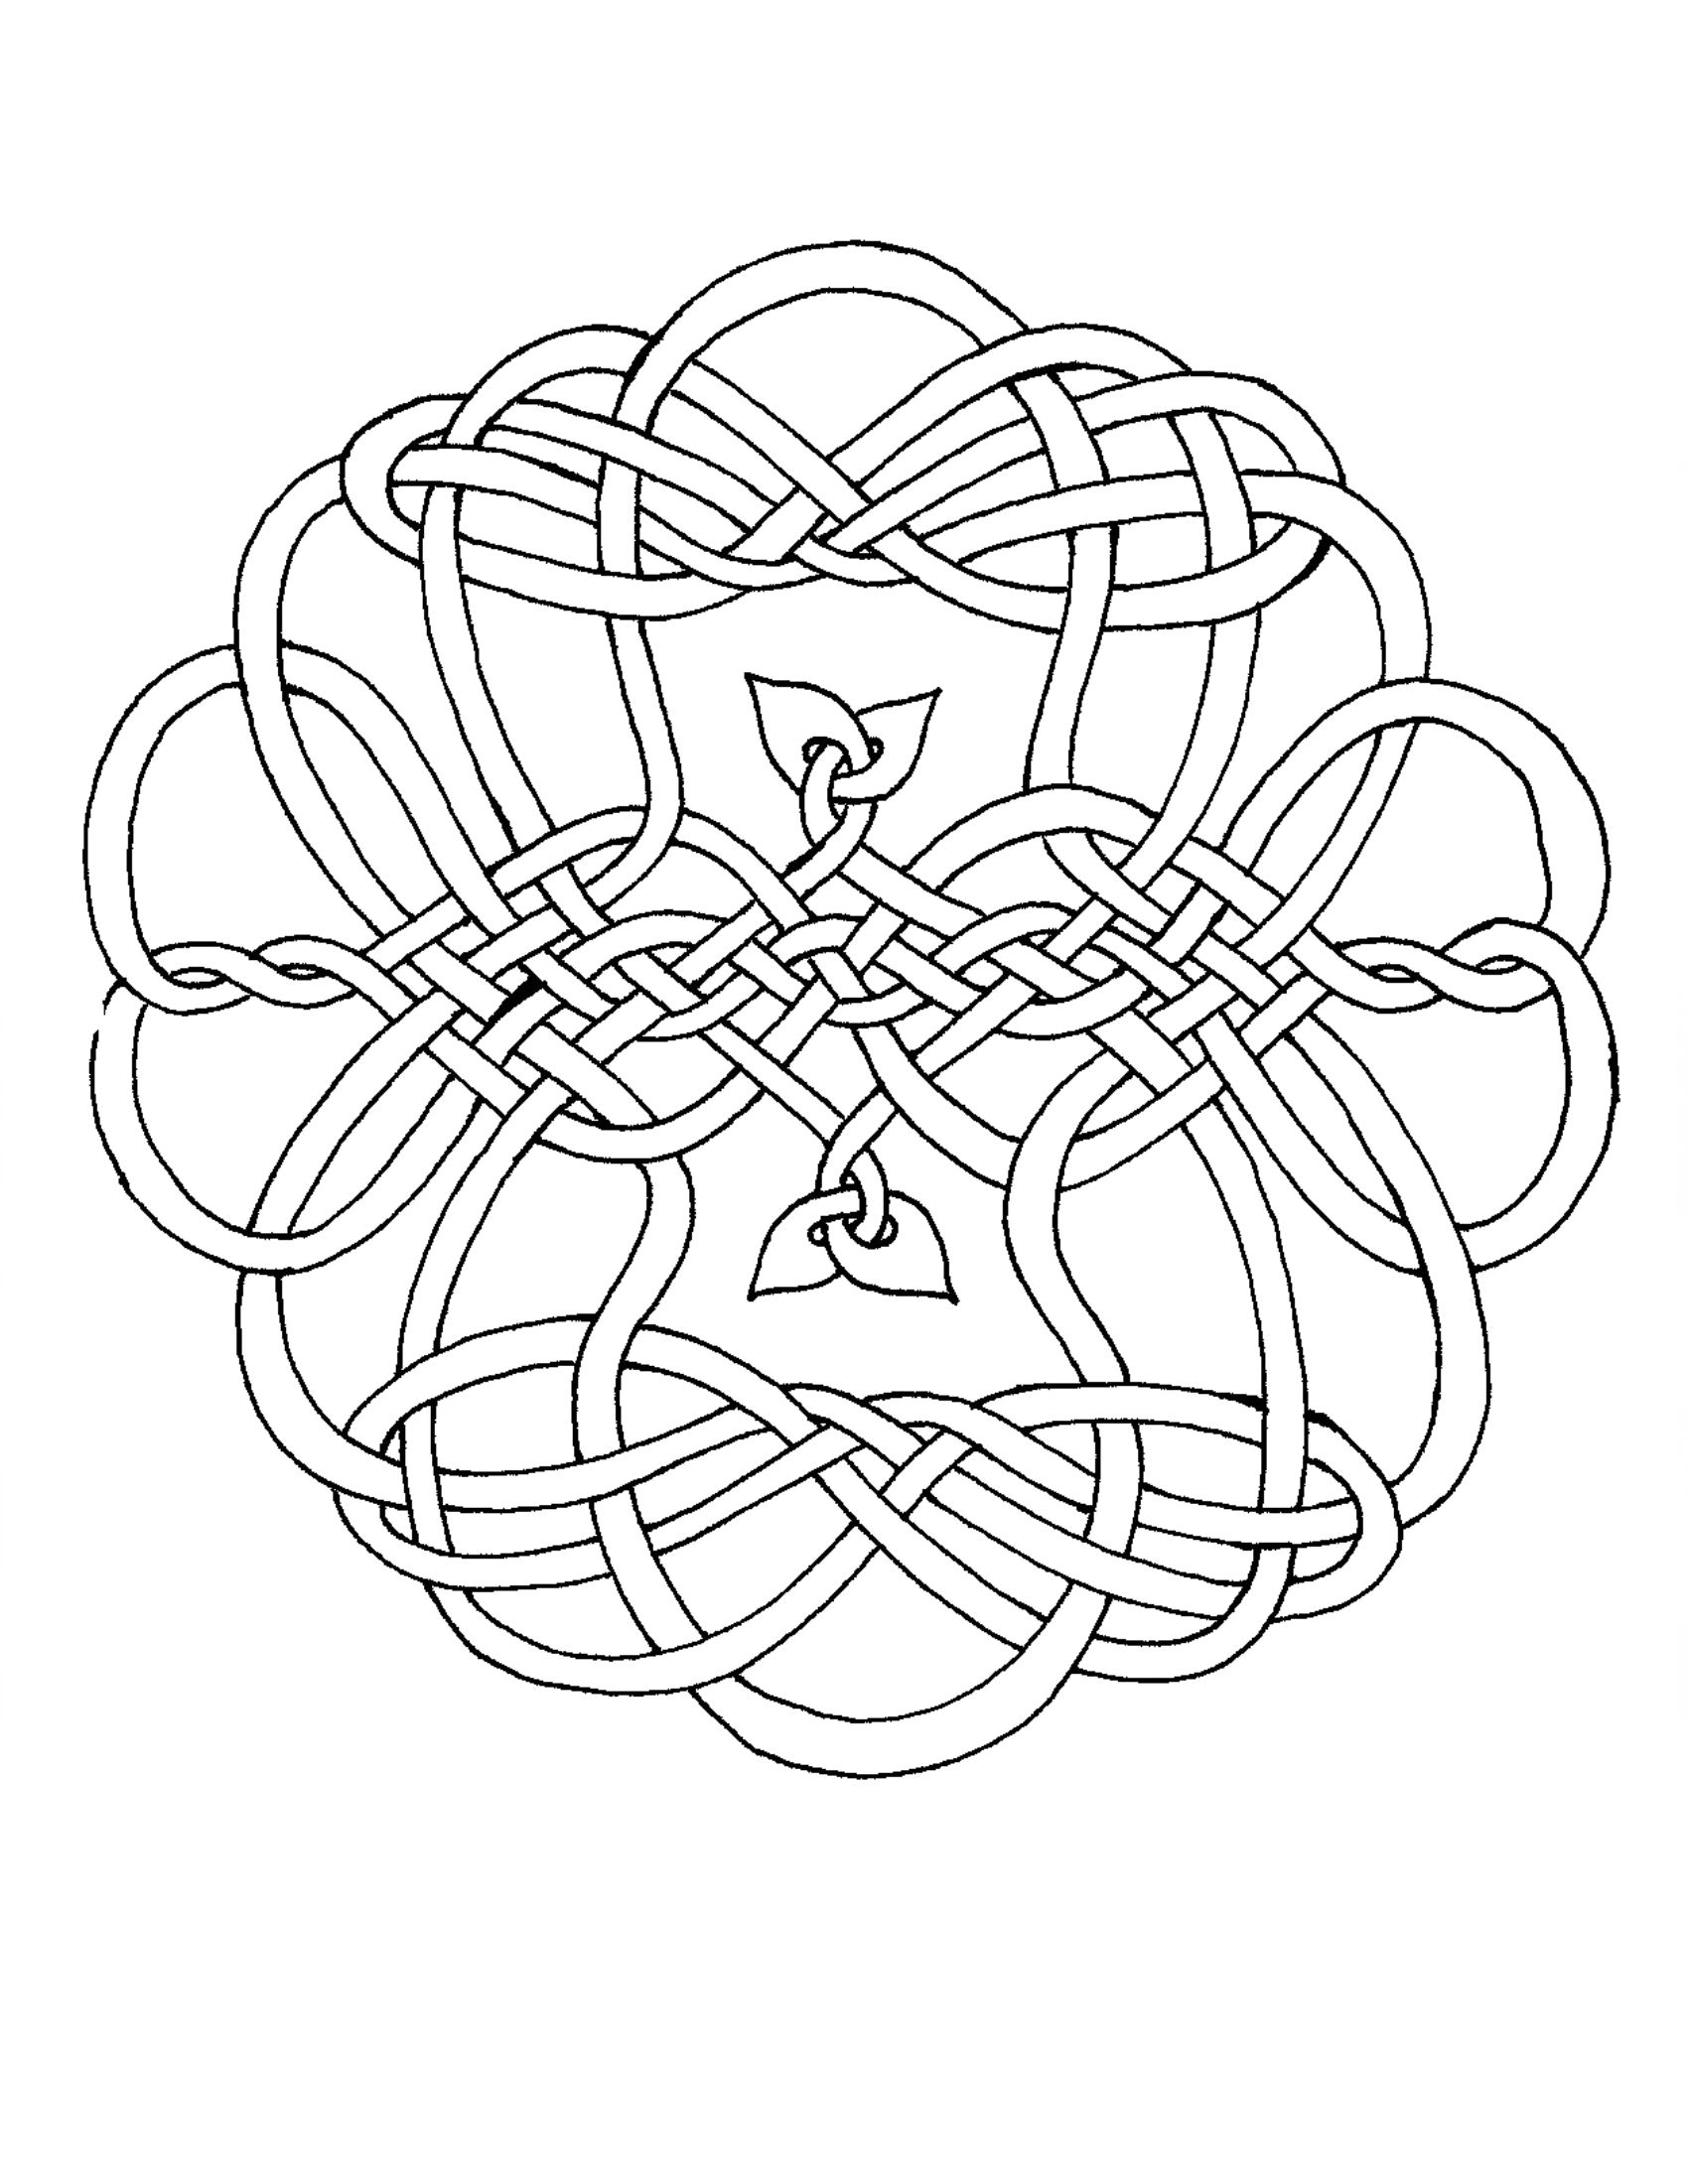 celtic coloring page 225 best images about celtic knots on pinterest alphabet coloring celtic page